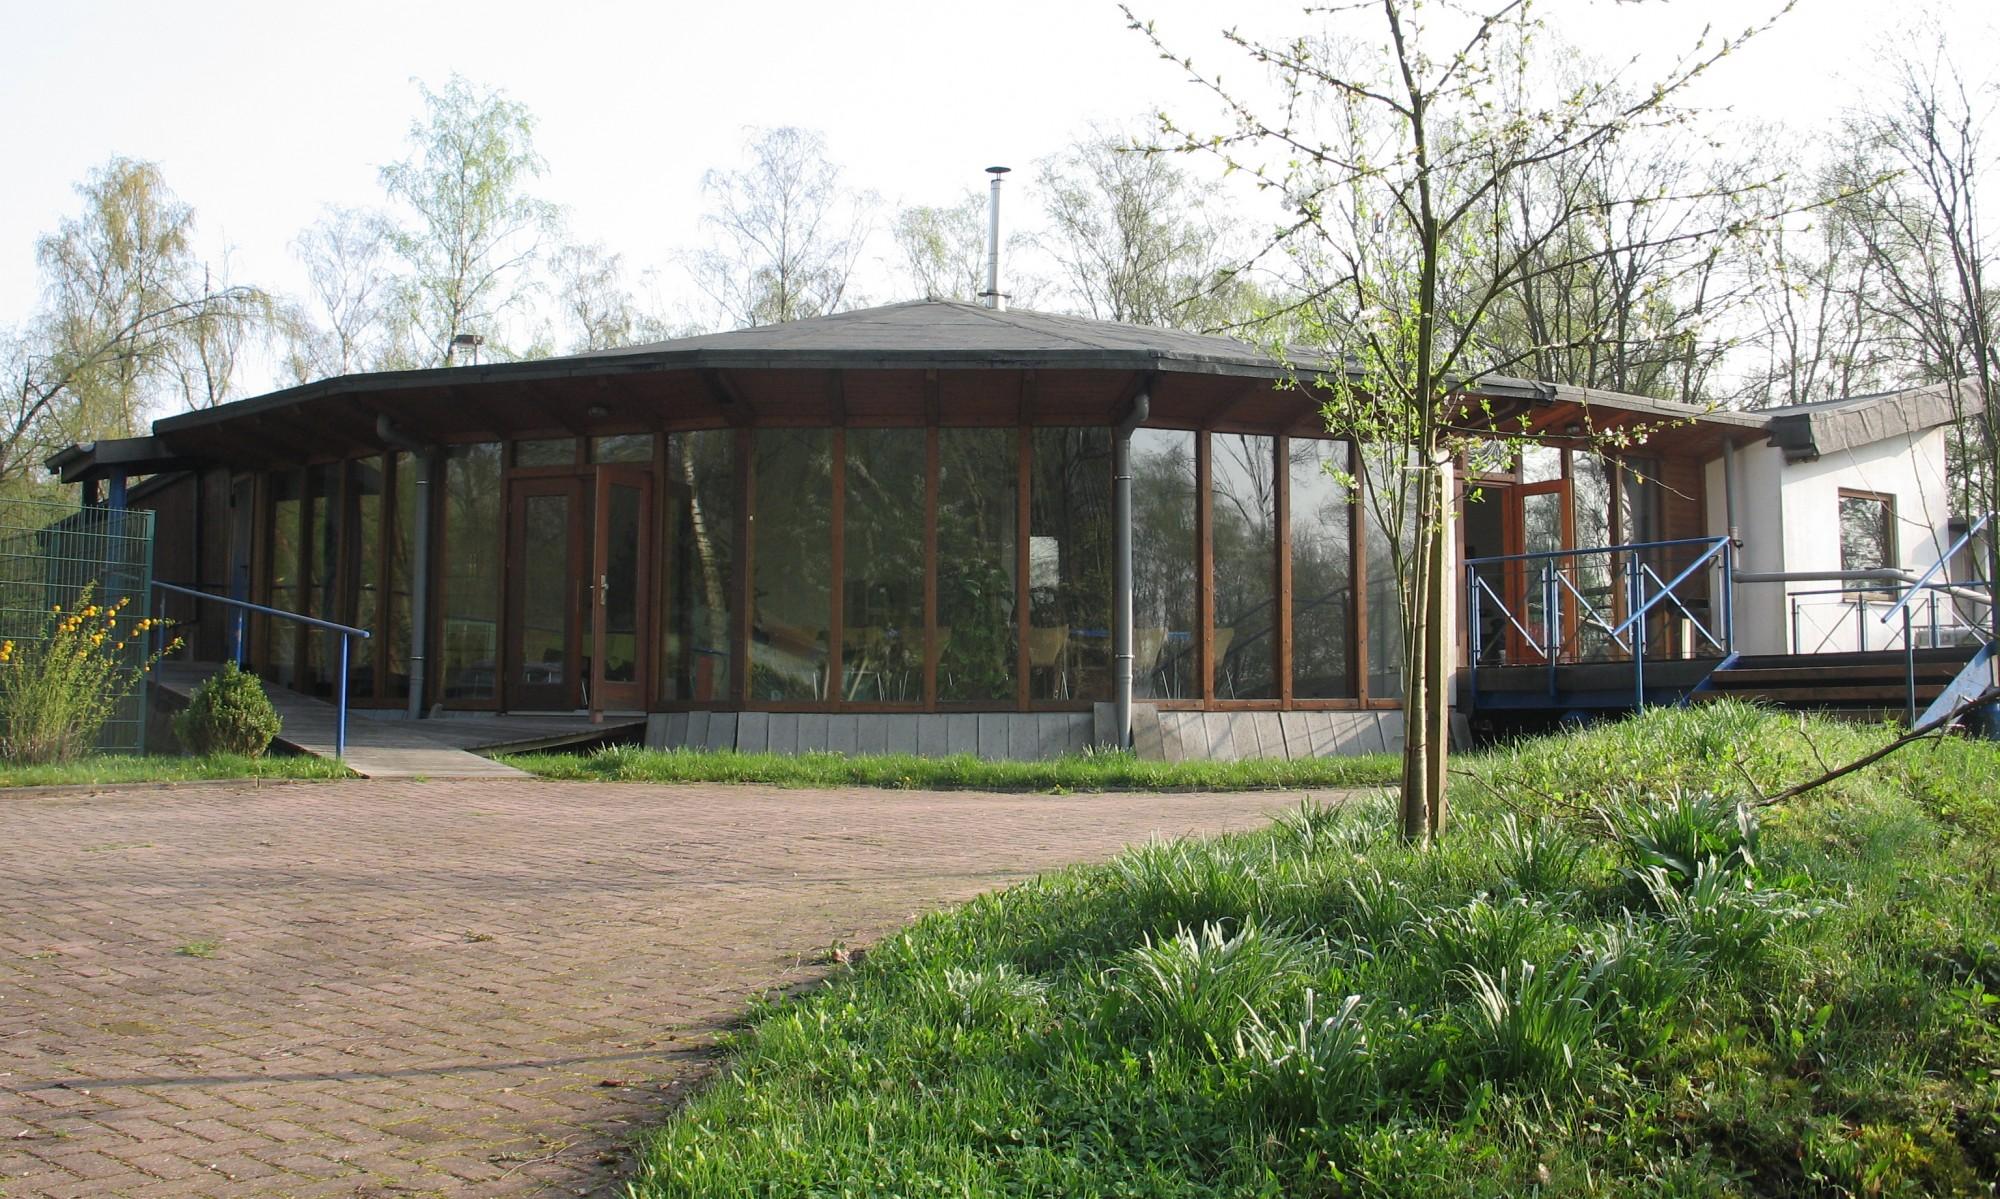 PISTOLEN-SPORT-CLUB RECKLINGHAUSEN E.V.